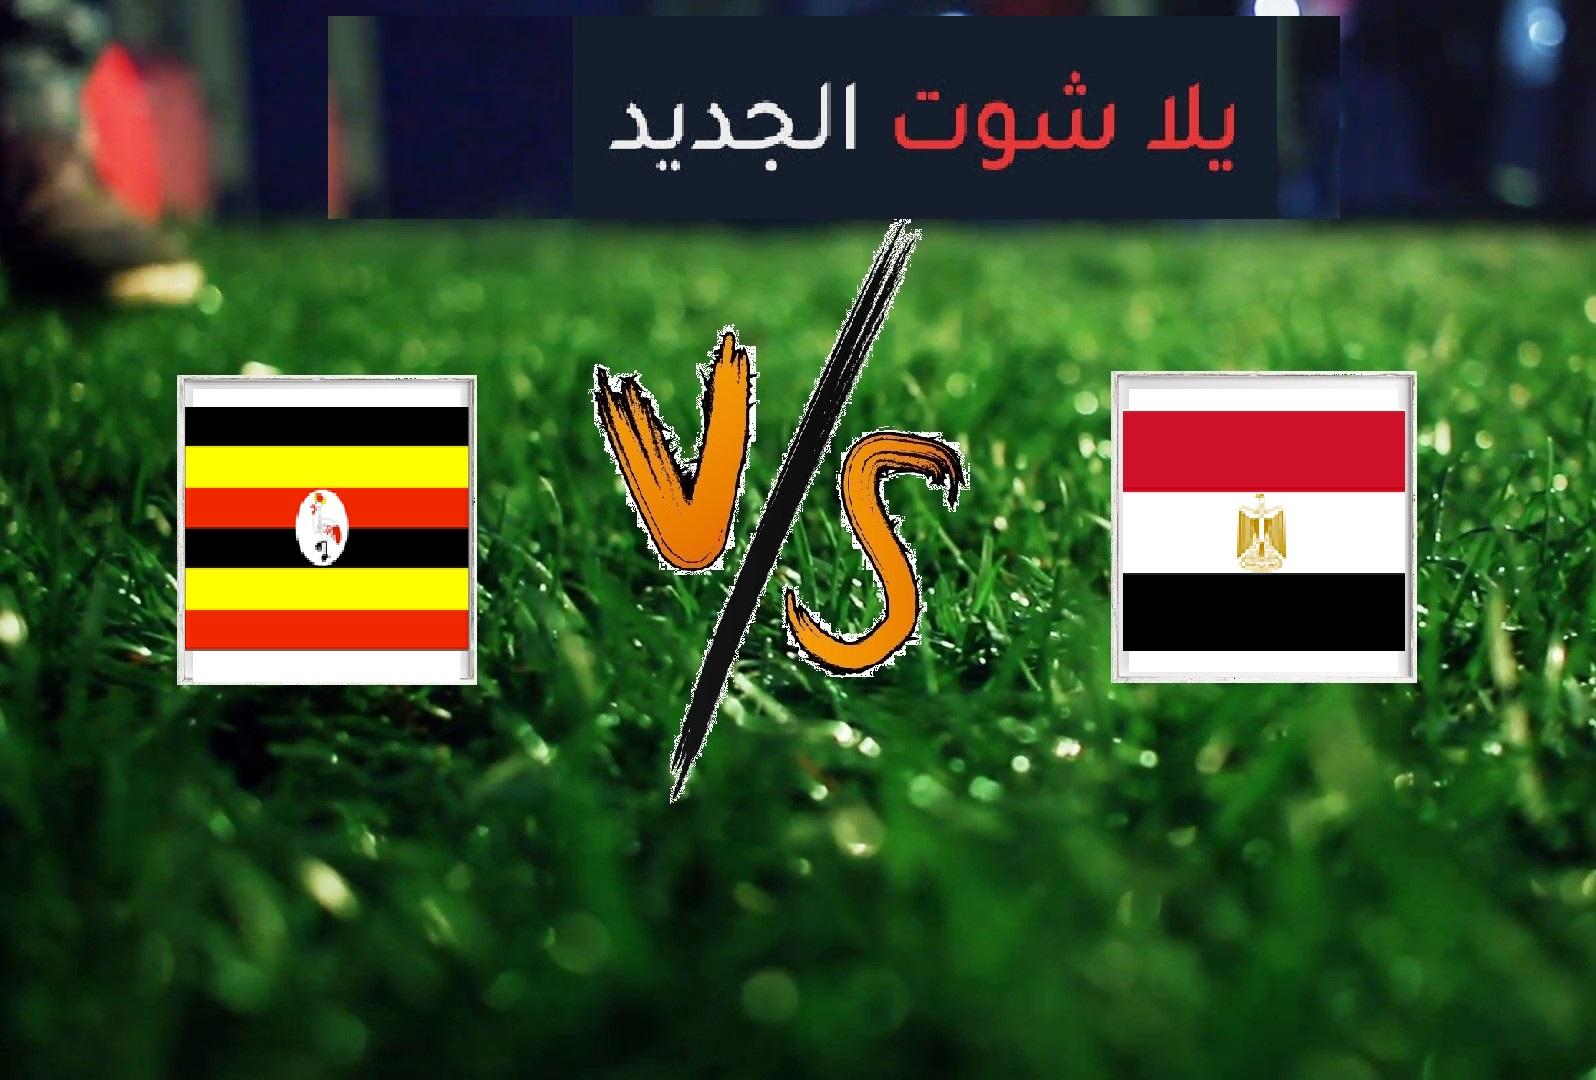 ملخص مباراة مصر واوغندا اليوم الاحد بتاريخ 30-06-2019 كأس الأمم الأفريقية